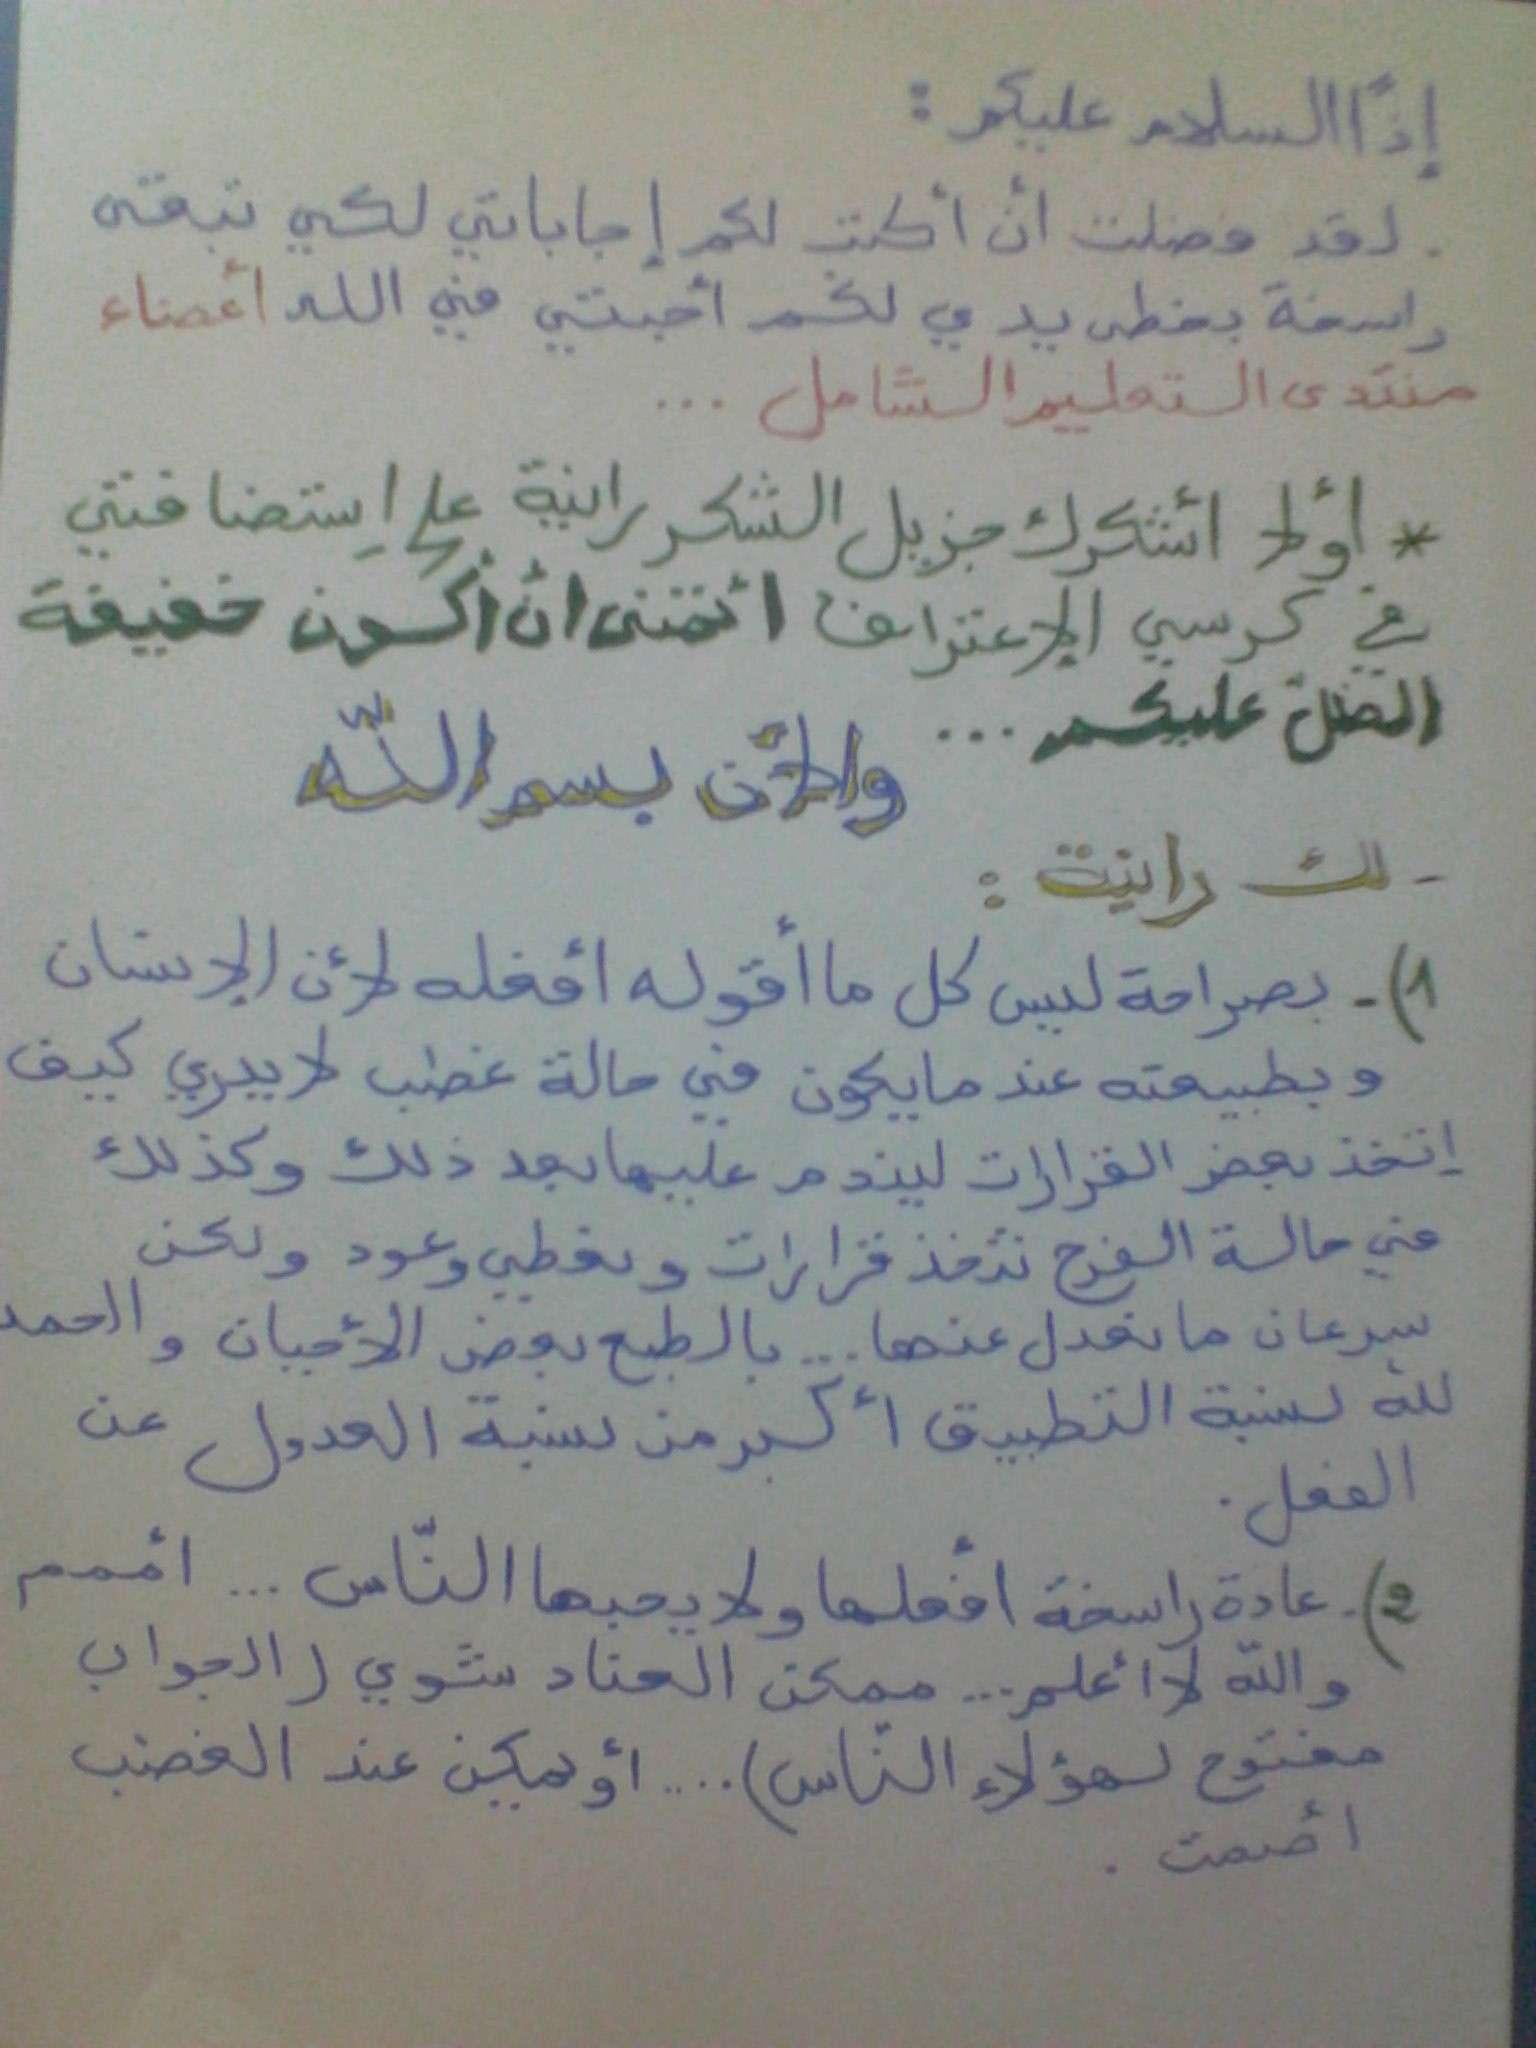 نجمة من نجمات المنتدى اليوم في كرسي الاعتراف 118